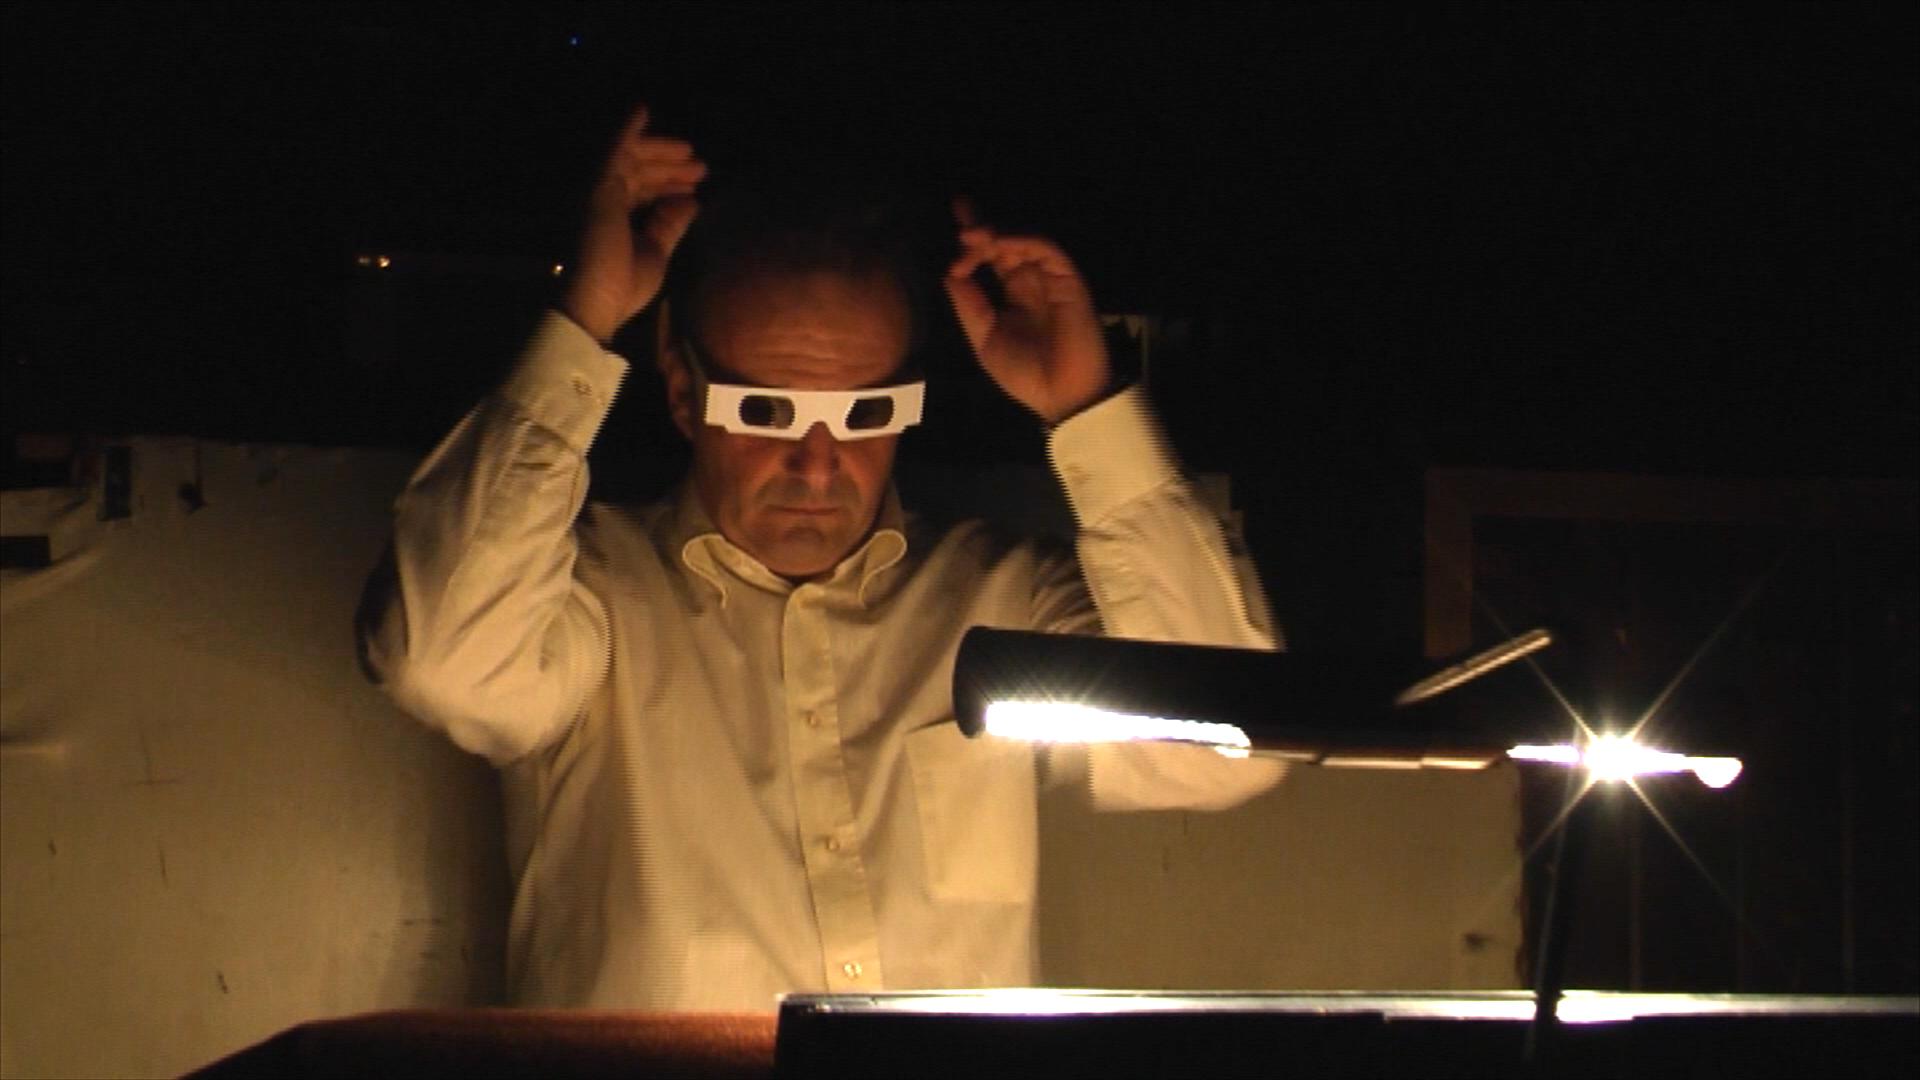 Virtuális valóság a Magyar Állami Operaház színpadán A kékszakállú herceg vára és a Bolero először látható  3D-s vizuális technika alkalmazásával